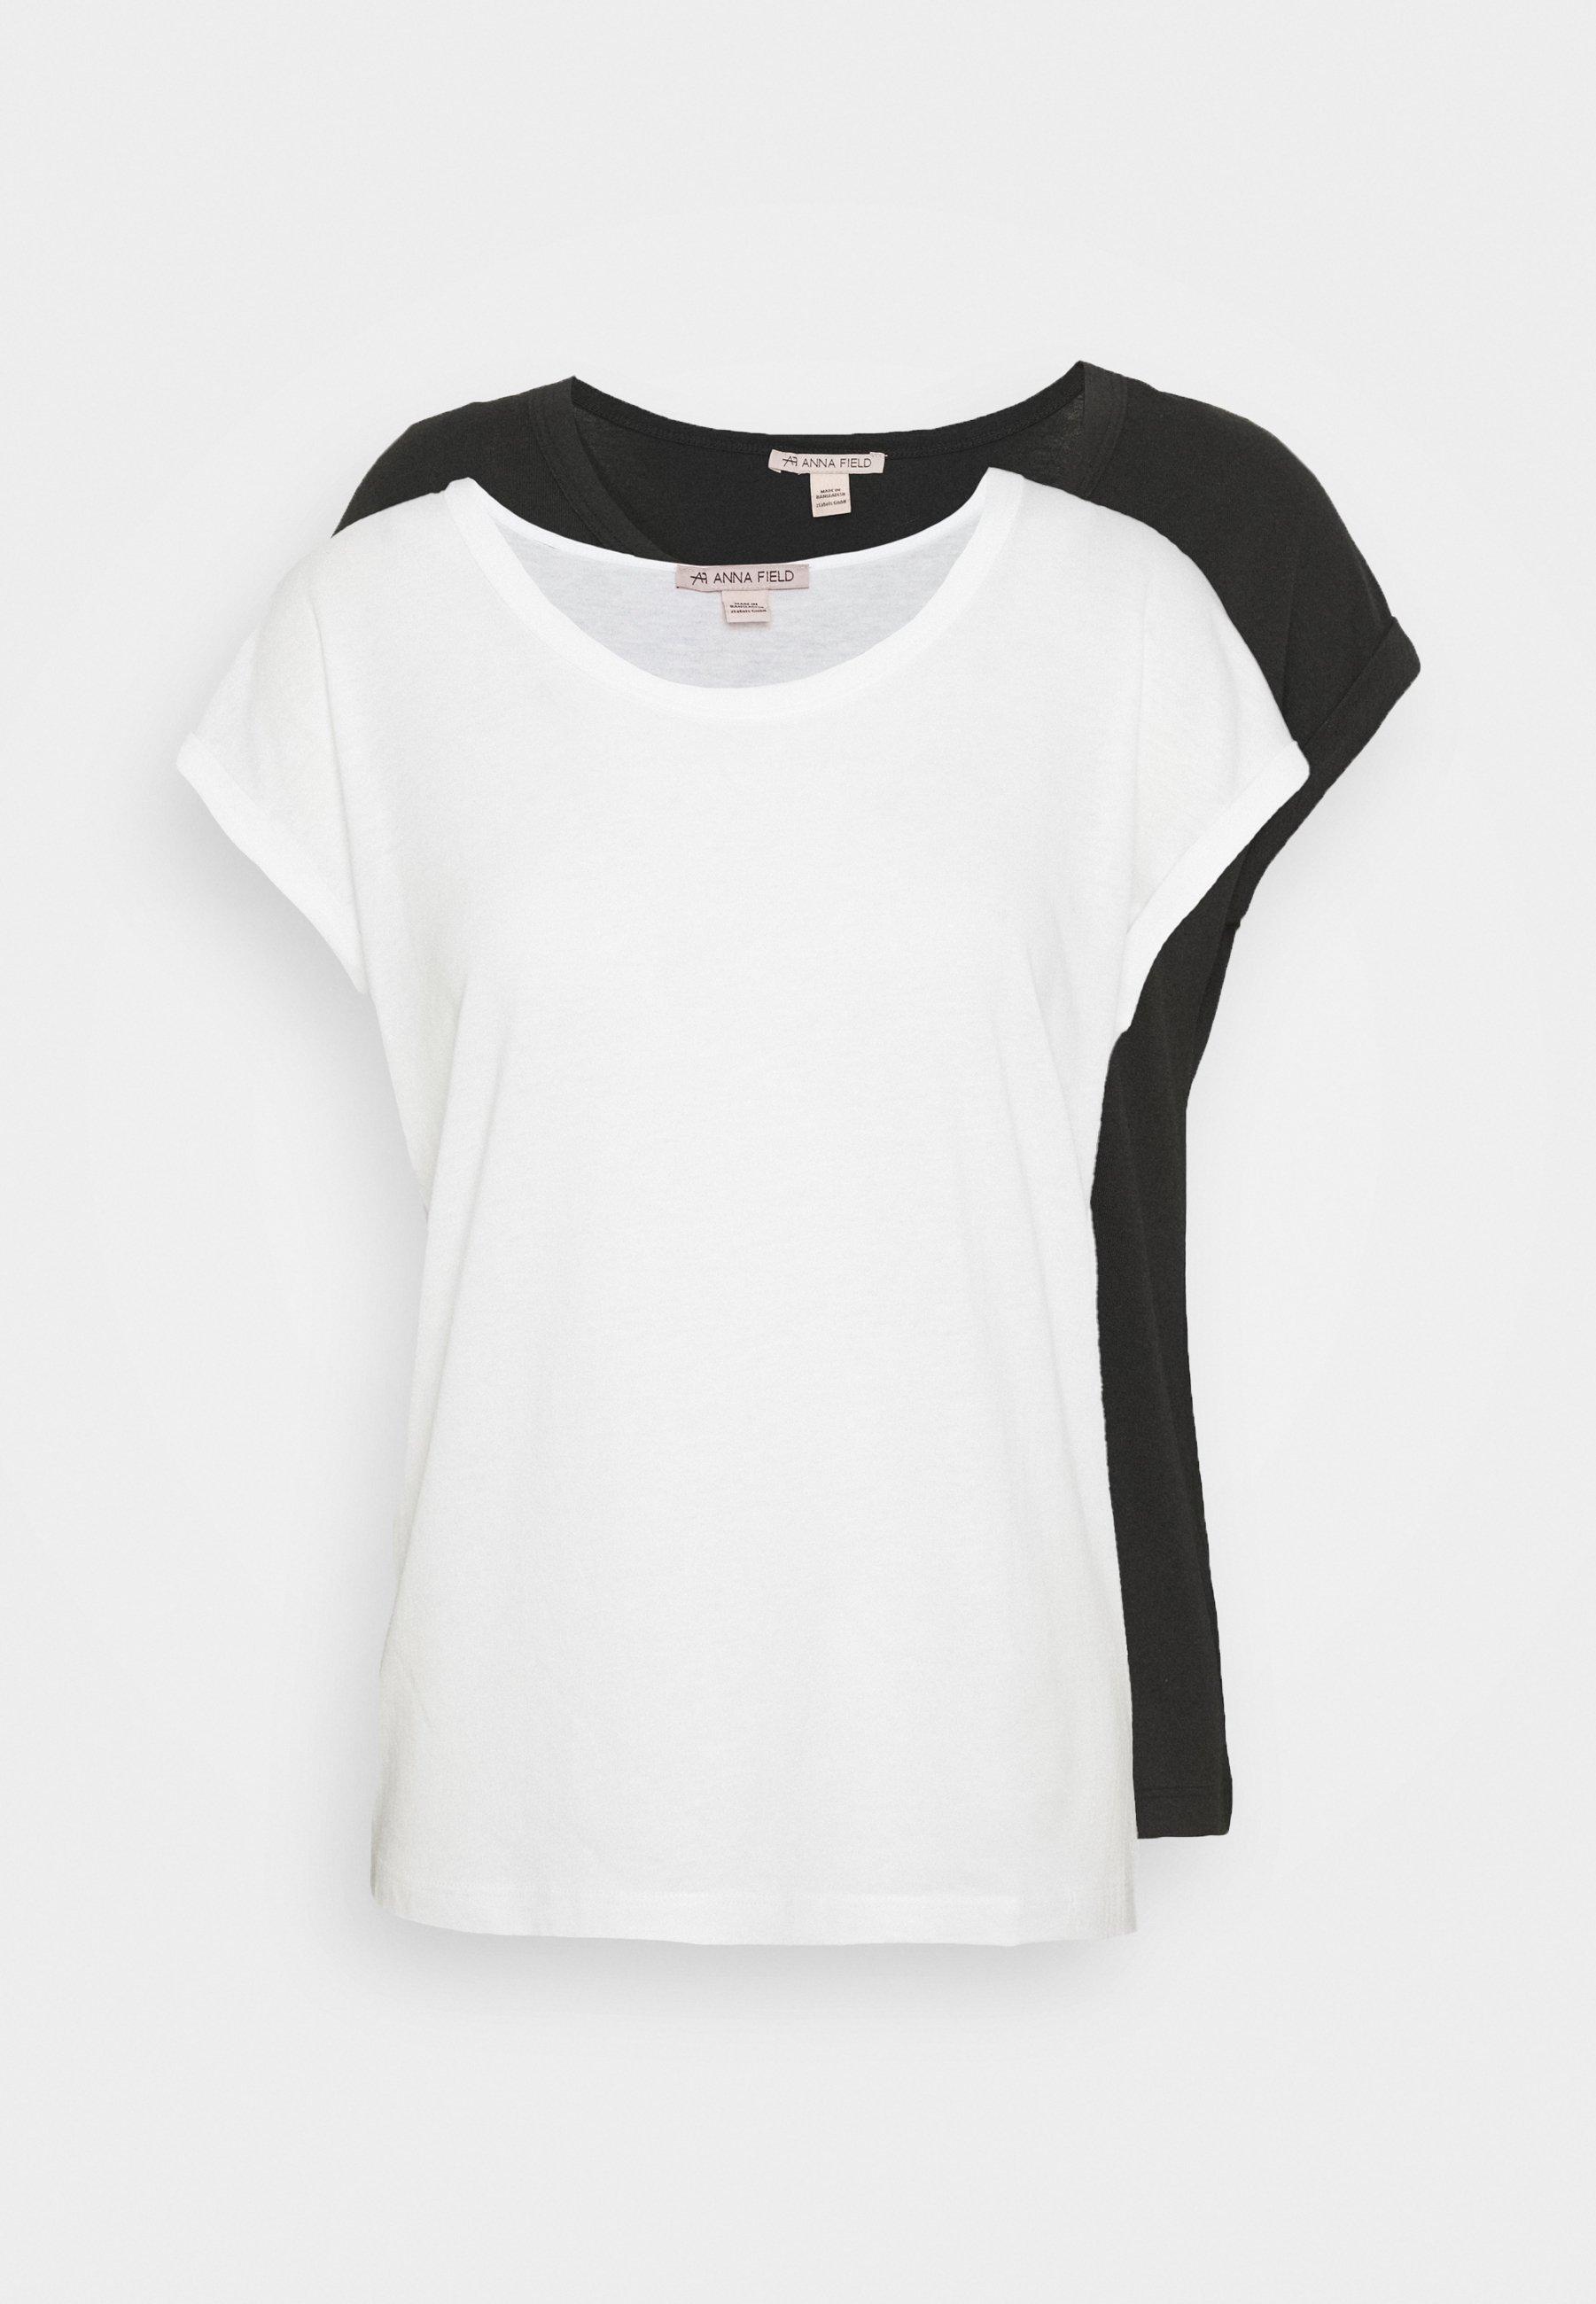 Shoppe T Shirts & Tops für Damen versandkostenfrei | ZALANDO